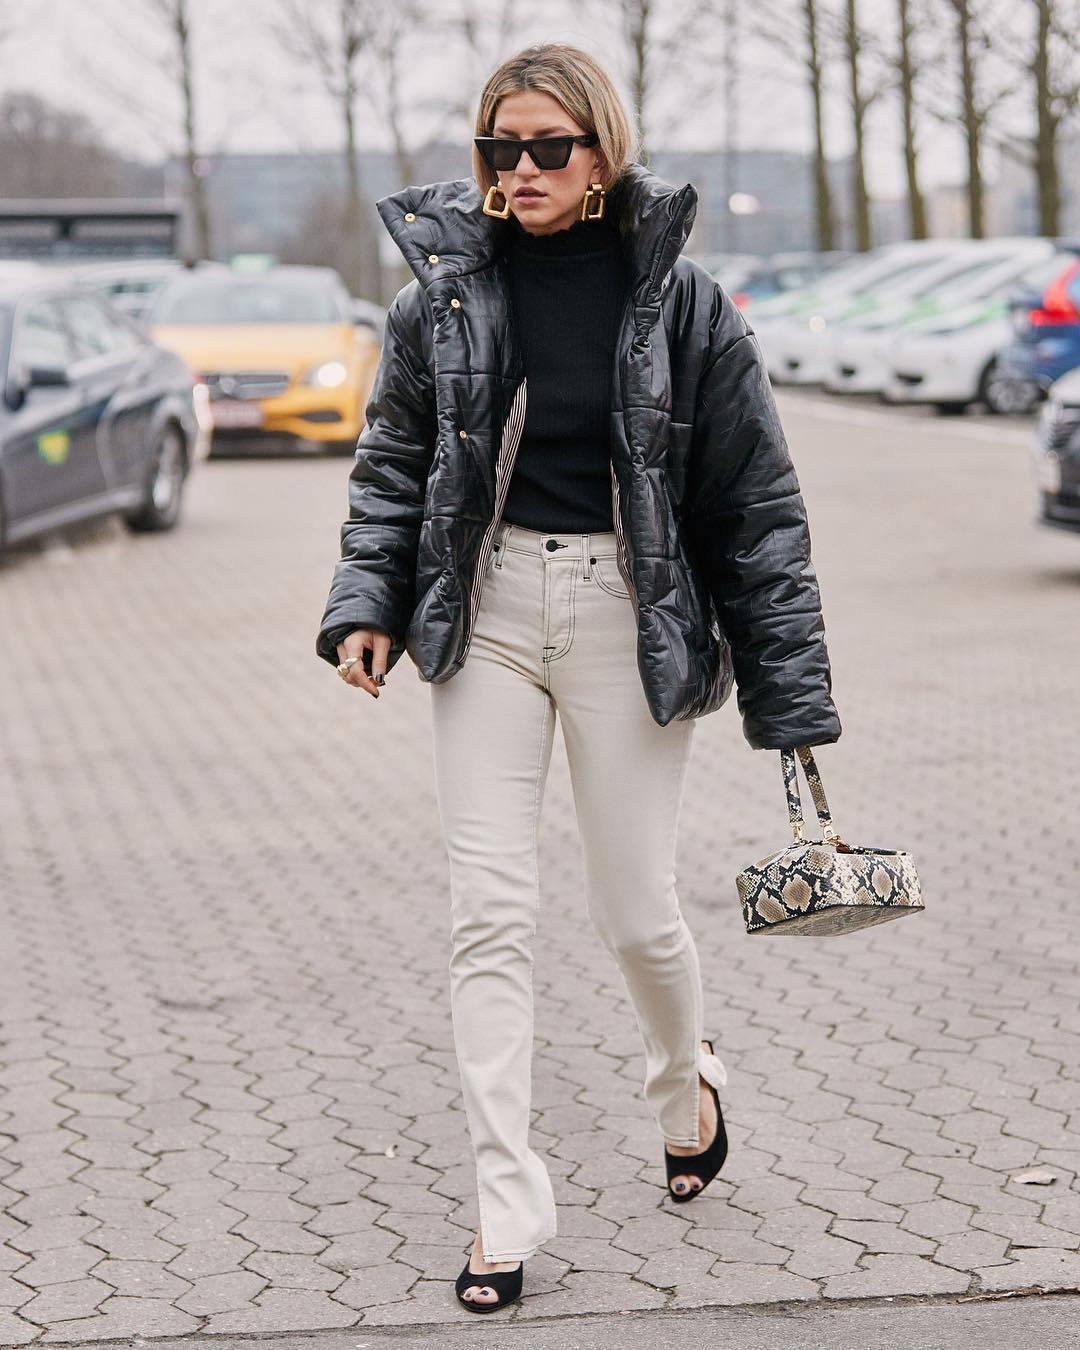 jacket black jacket puffer jacket black shoes pumps white jeans skinny jeans black turtleneck top boxed bag snake print handbag black sunglasses